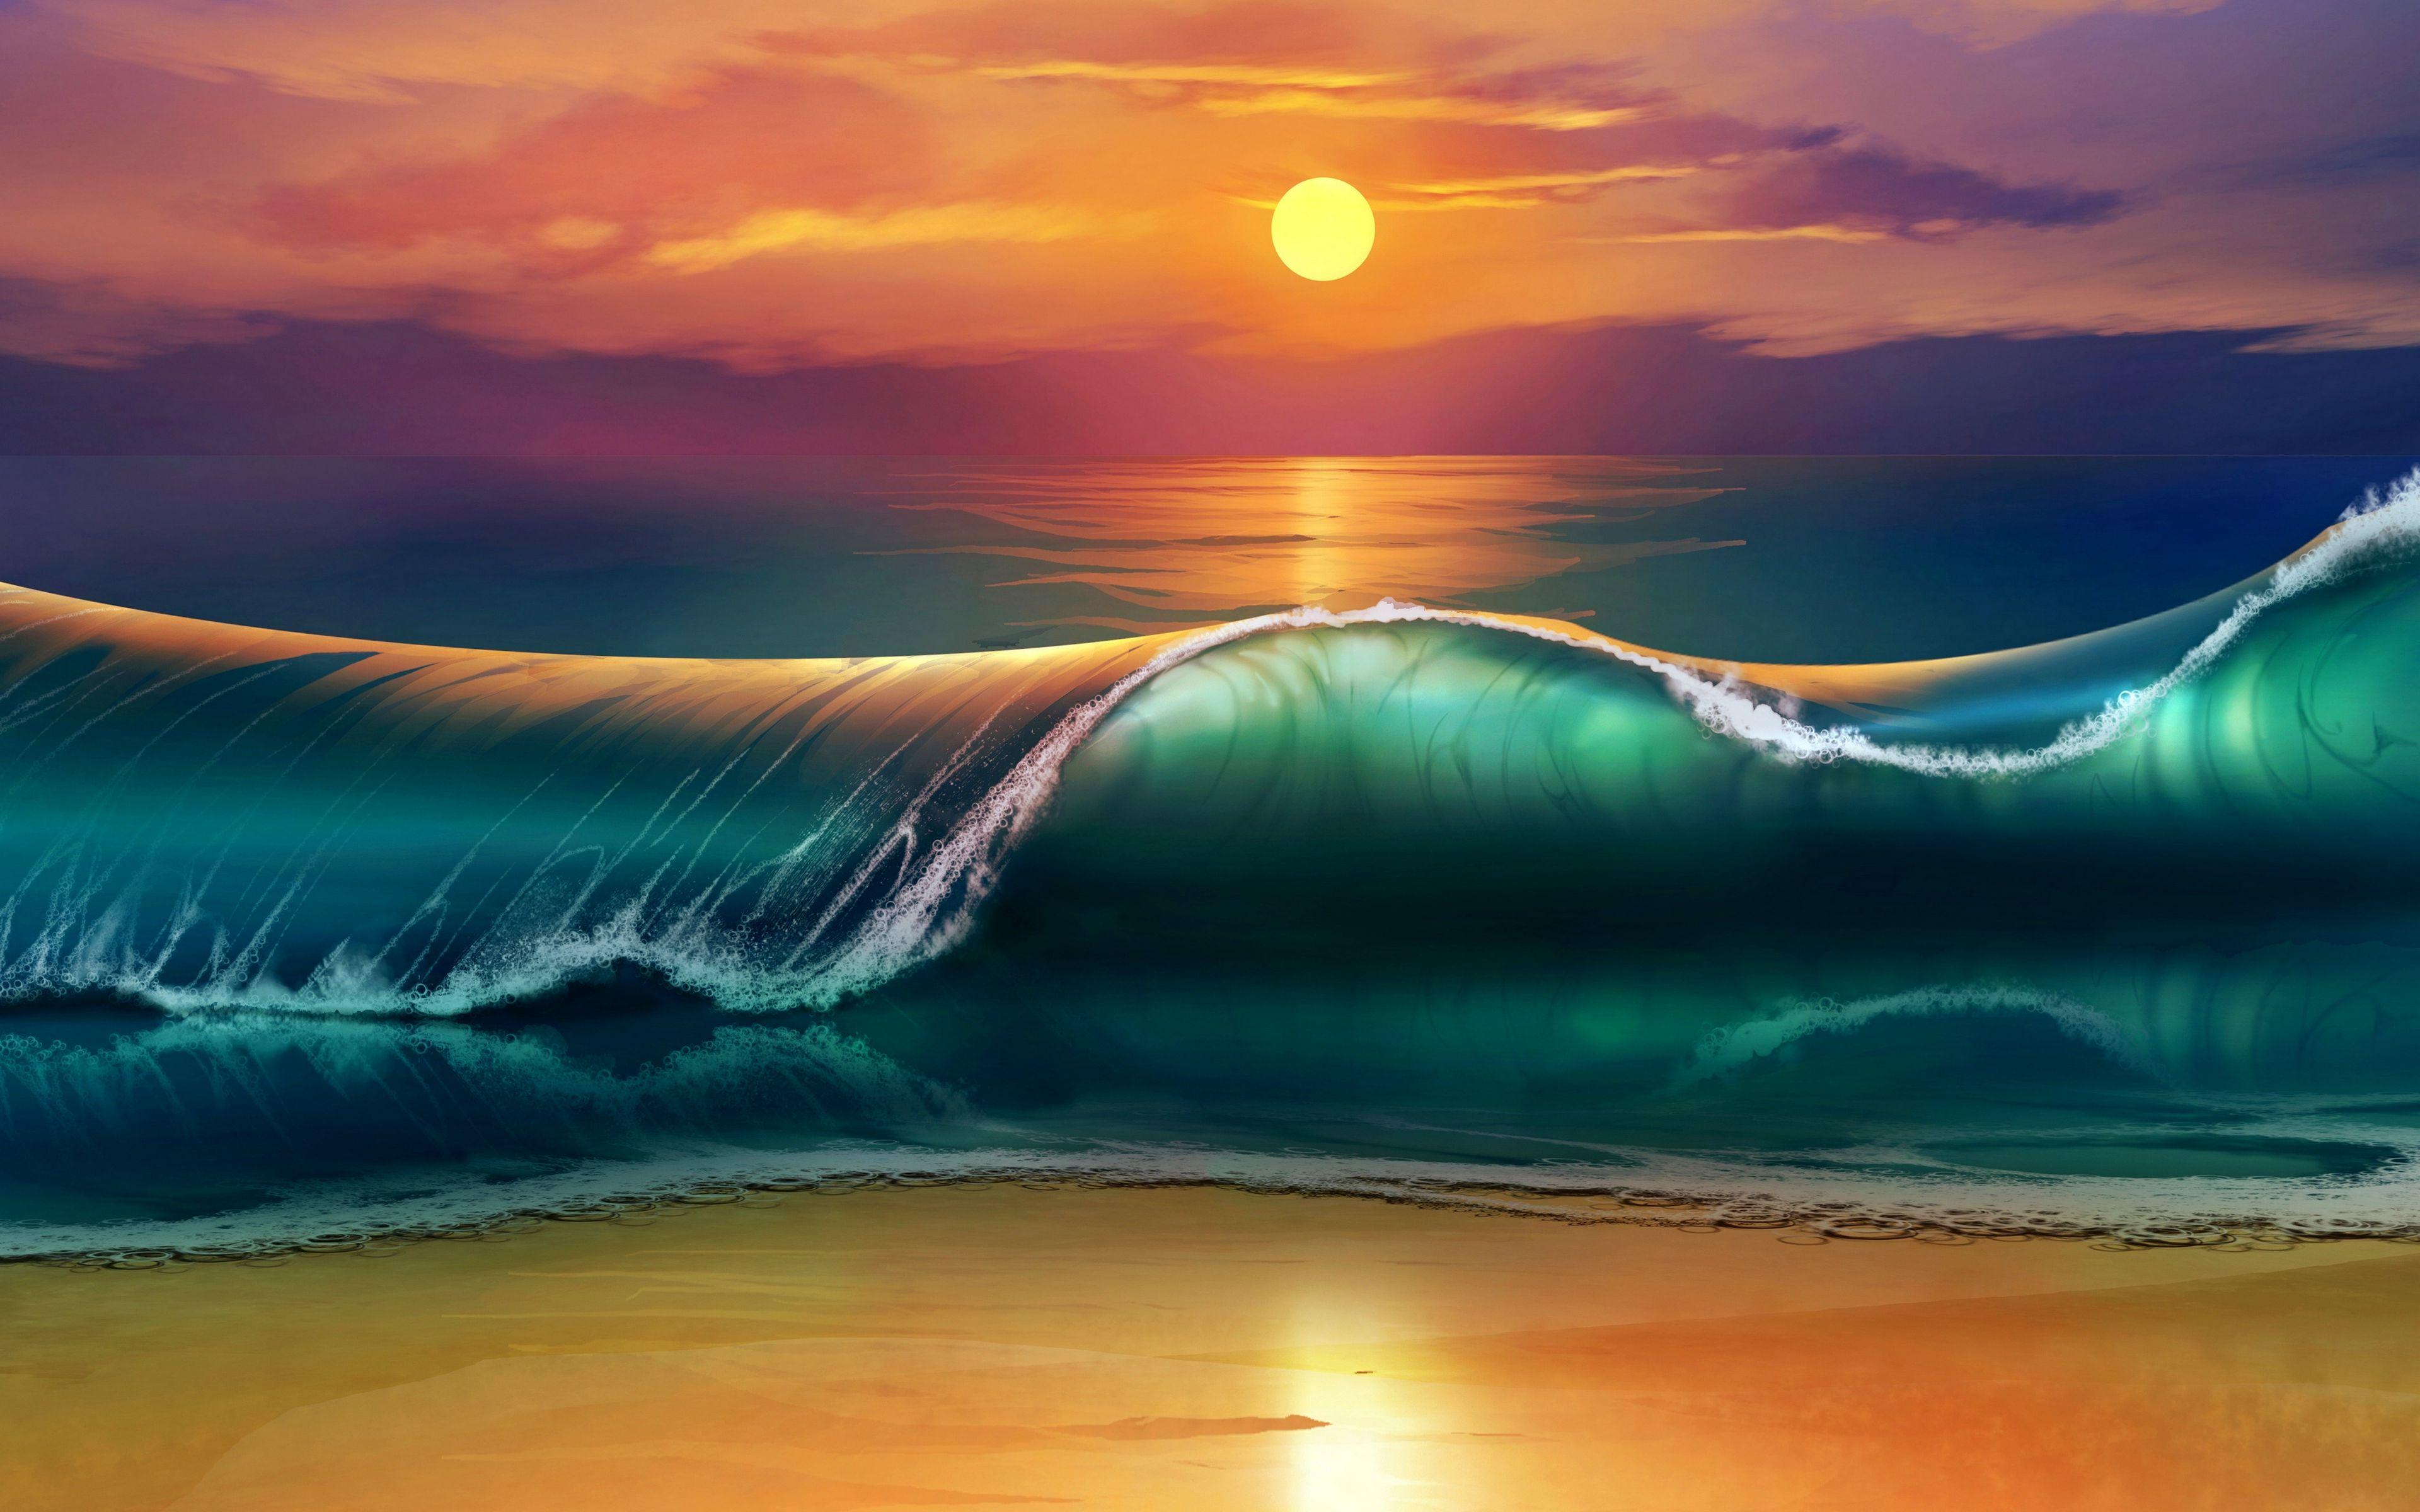 3840x2400 Wallpaper art, sunset, beach, sea, waves